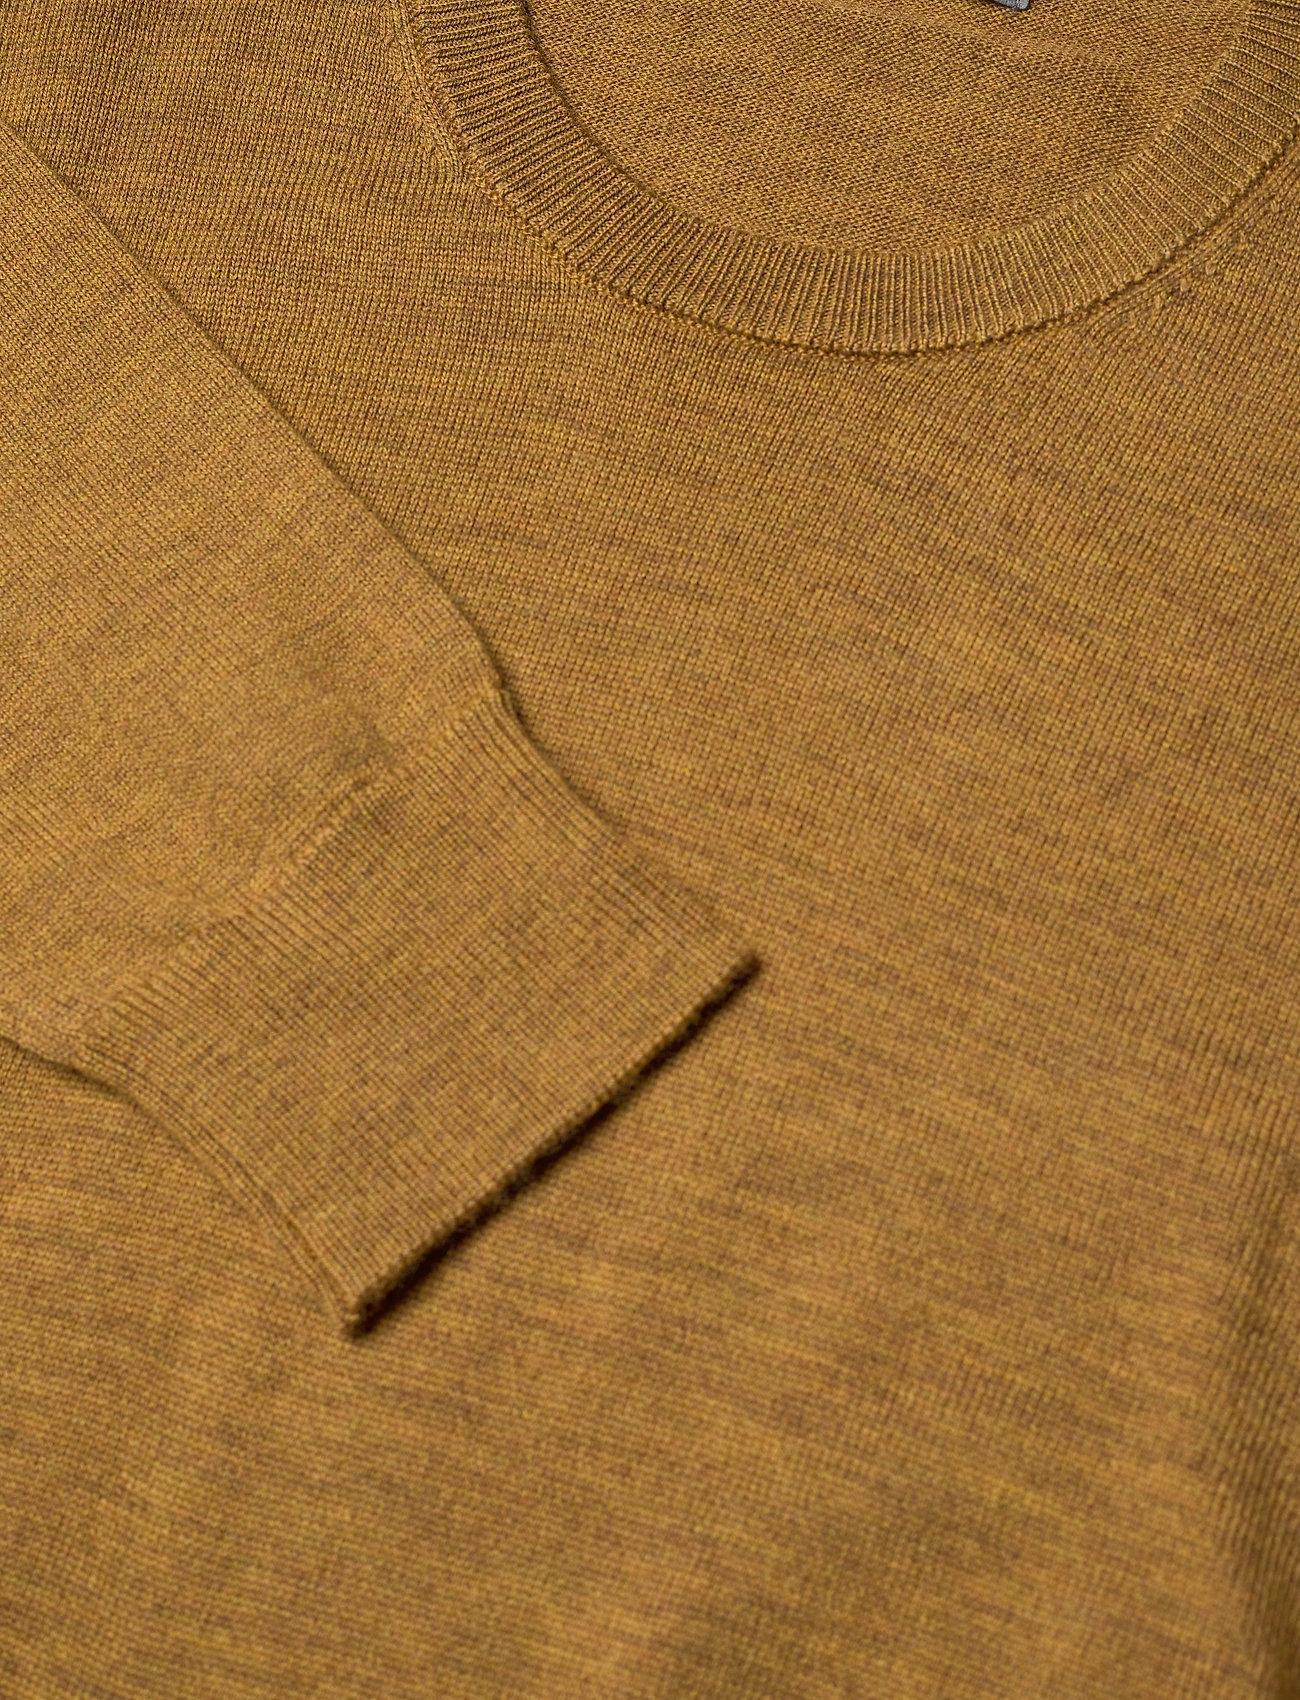 Icebreaker Mens Shearer Crewe Sweater - Strikkevarer SAFFRON HTHR - Menn Klær